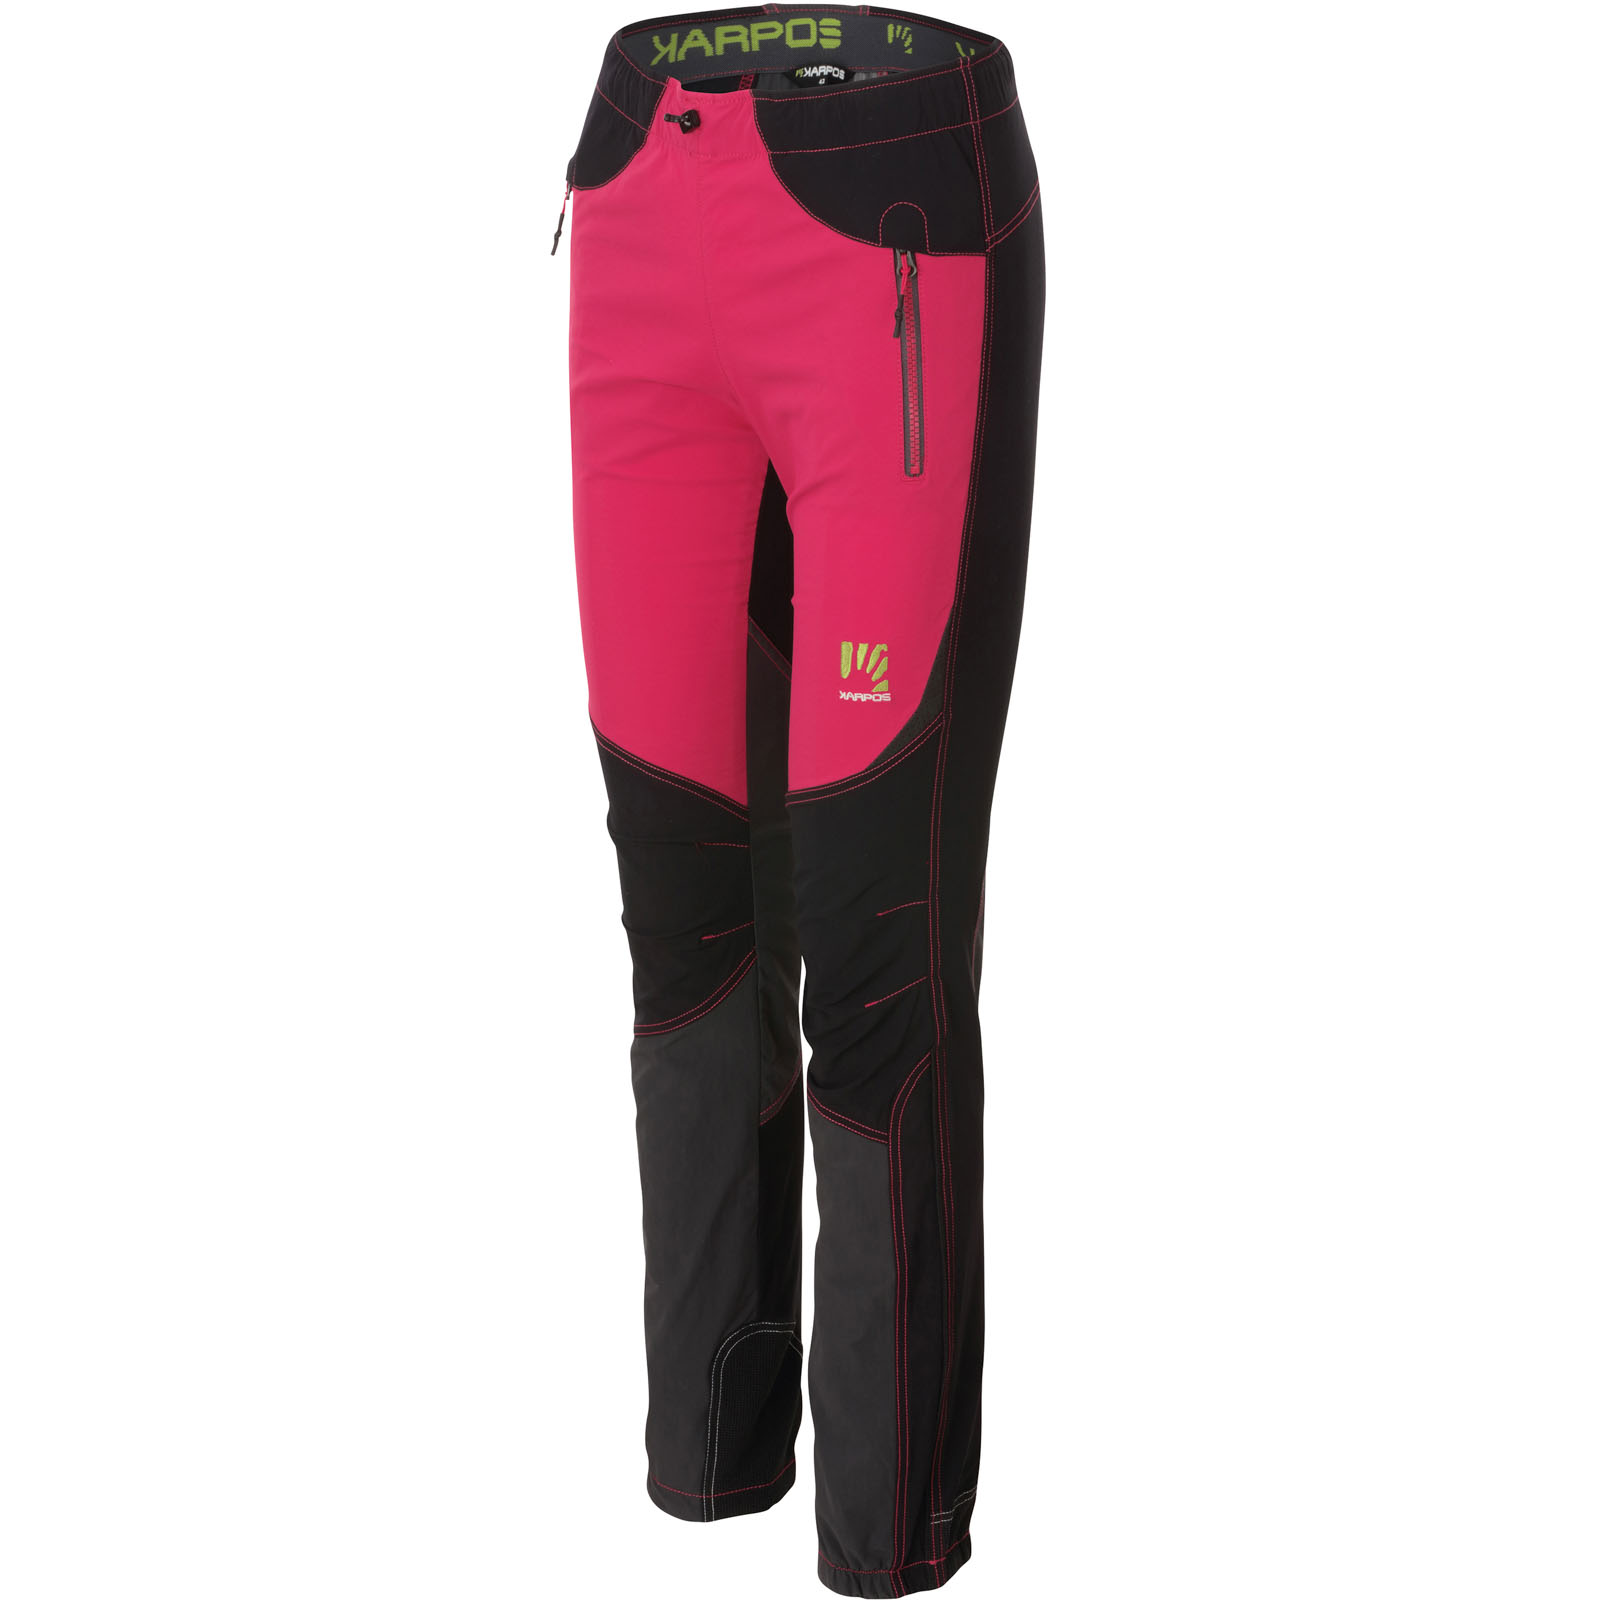 a2b5cb3d1af8 Karpos ROCK Dámske nohavice ružové čierne tmavosivé. Karpos ROCK Dámske  nohavice ružové čierne tmavosivé. Pre absolútny zážitok prosím použite  prehliadač ...